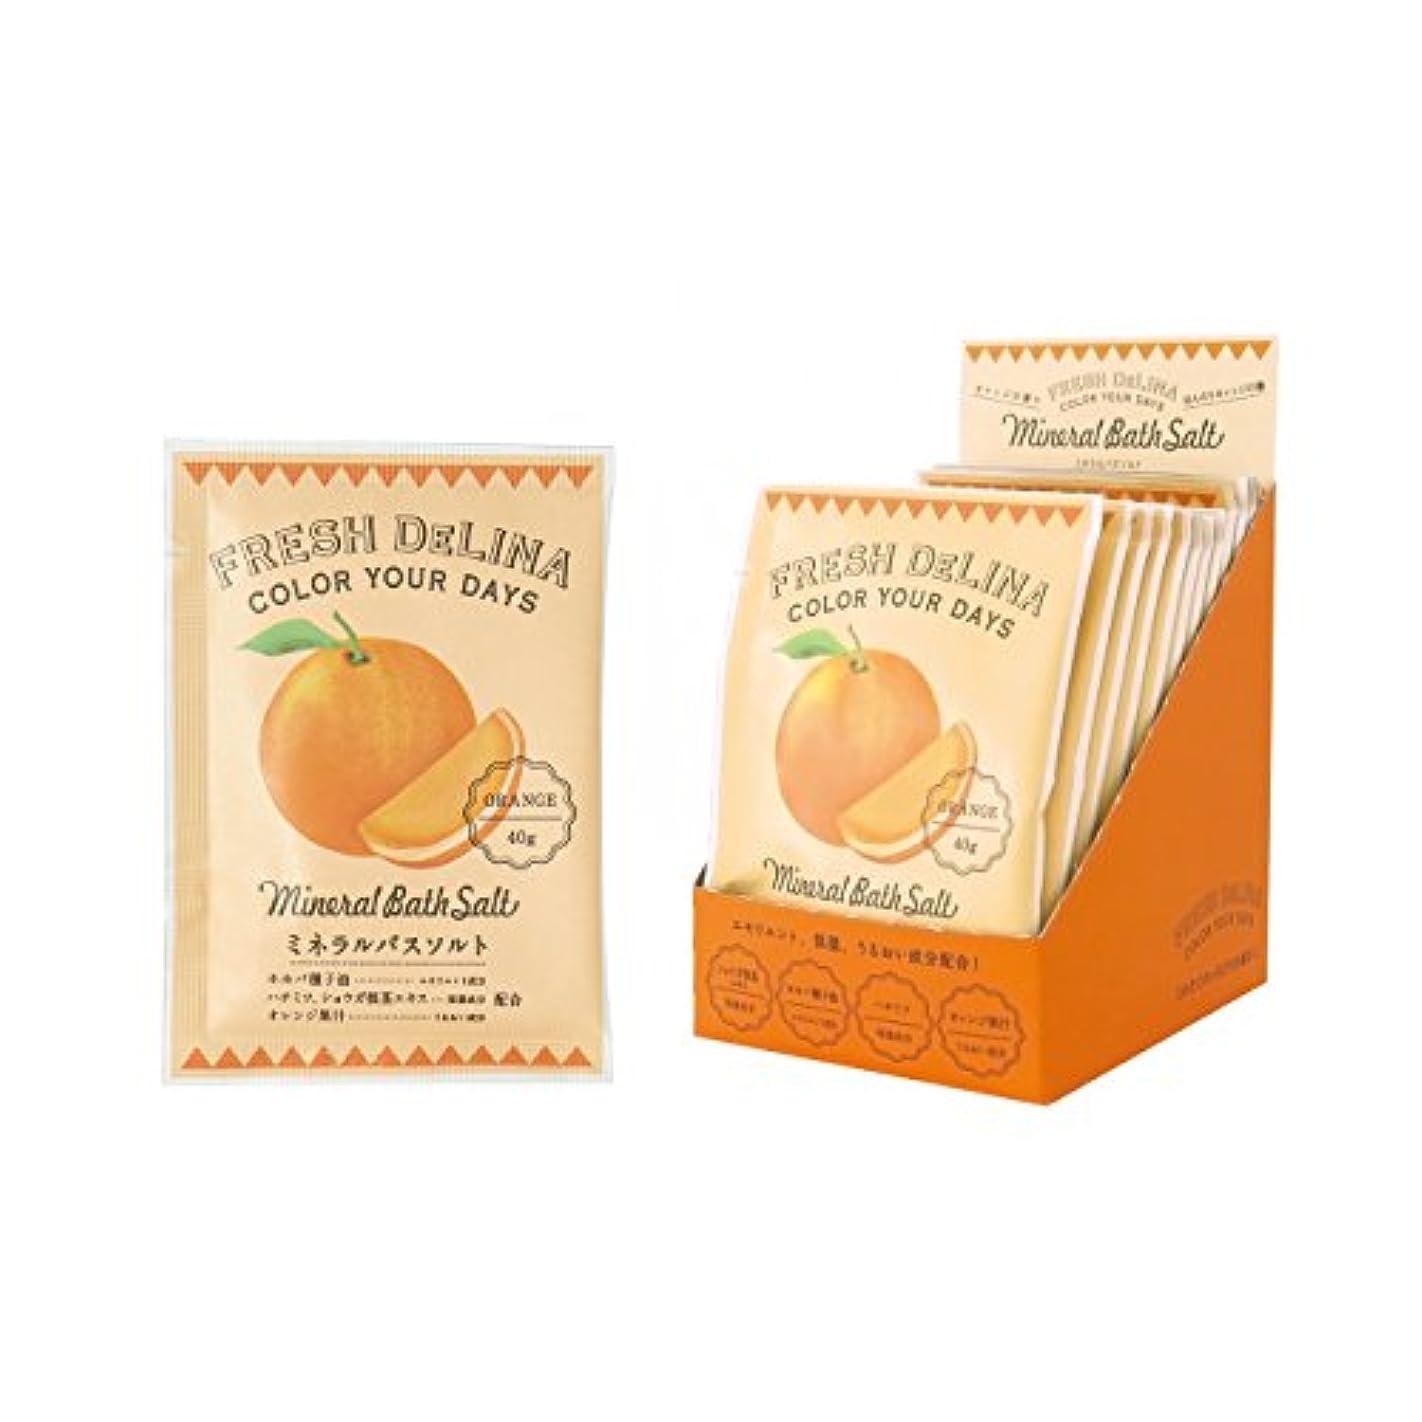 代わって暴力的なポイントフレッシュデリーナ ミネラルバスソルト40g(オレンジ) 12個 (海塩タイプ入浴料 日本製 フレッシュな柑橘系の香り)